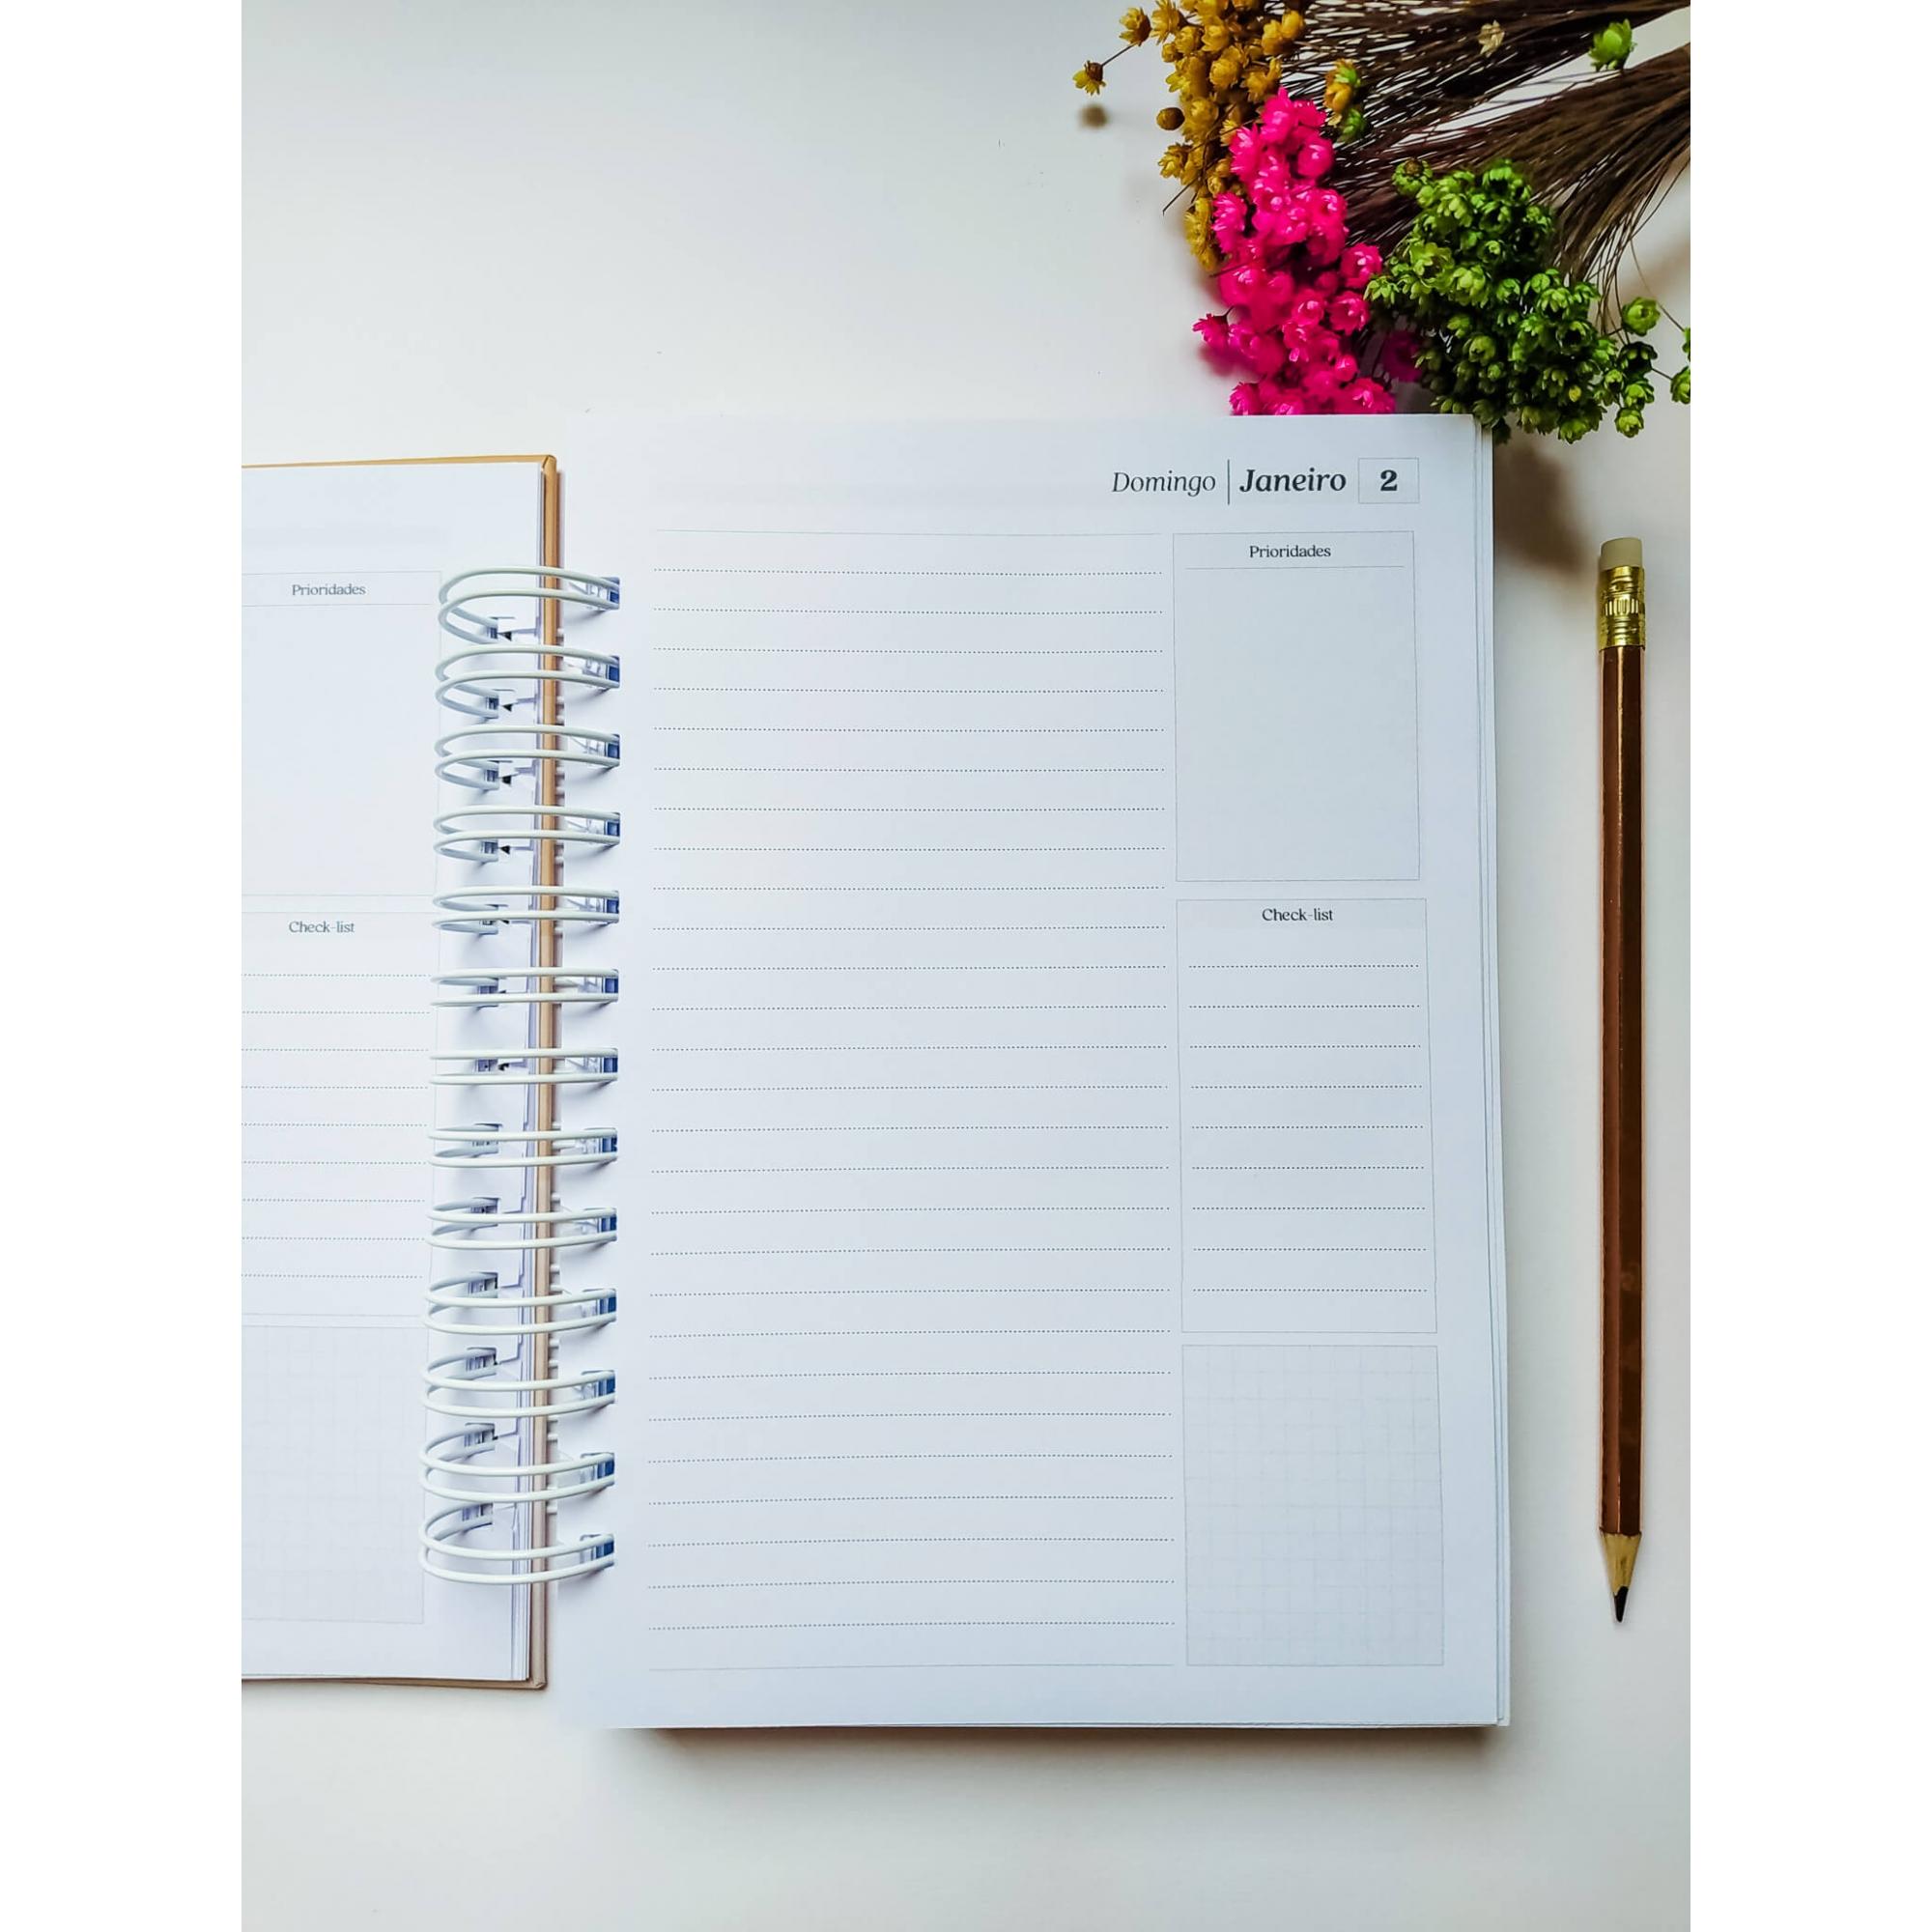 Agenda 2022 - Coleção Alfabeto